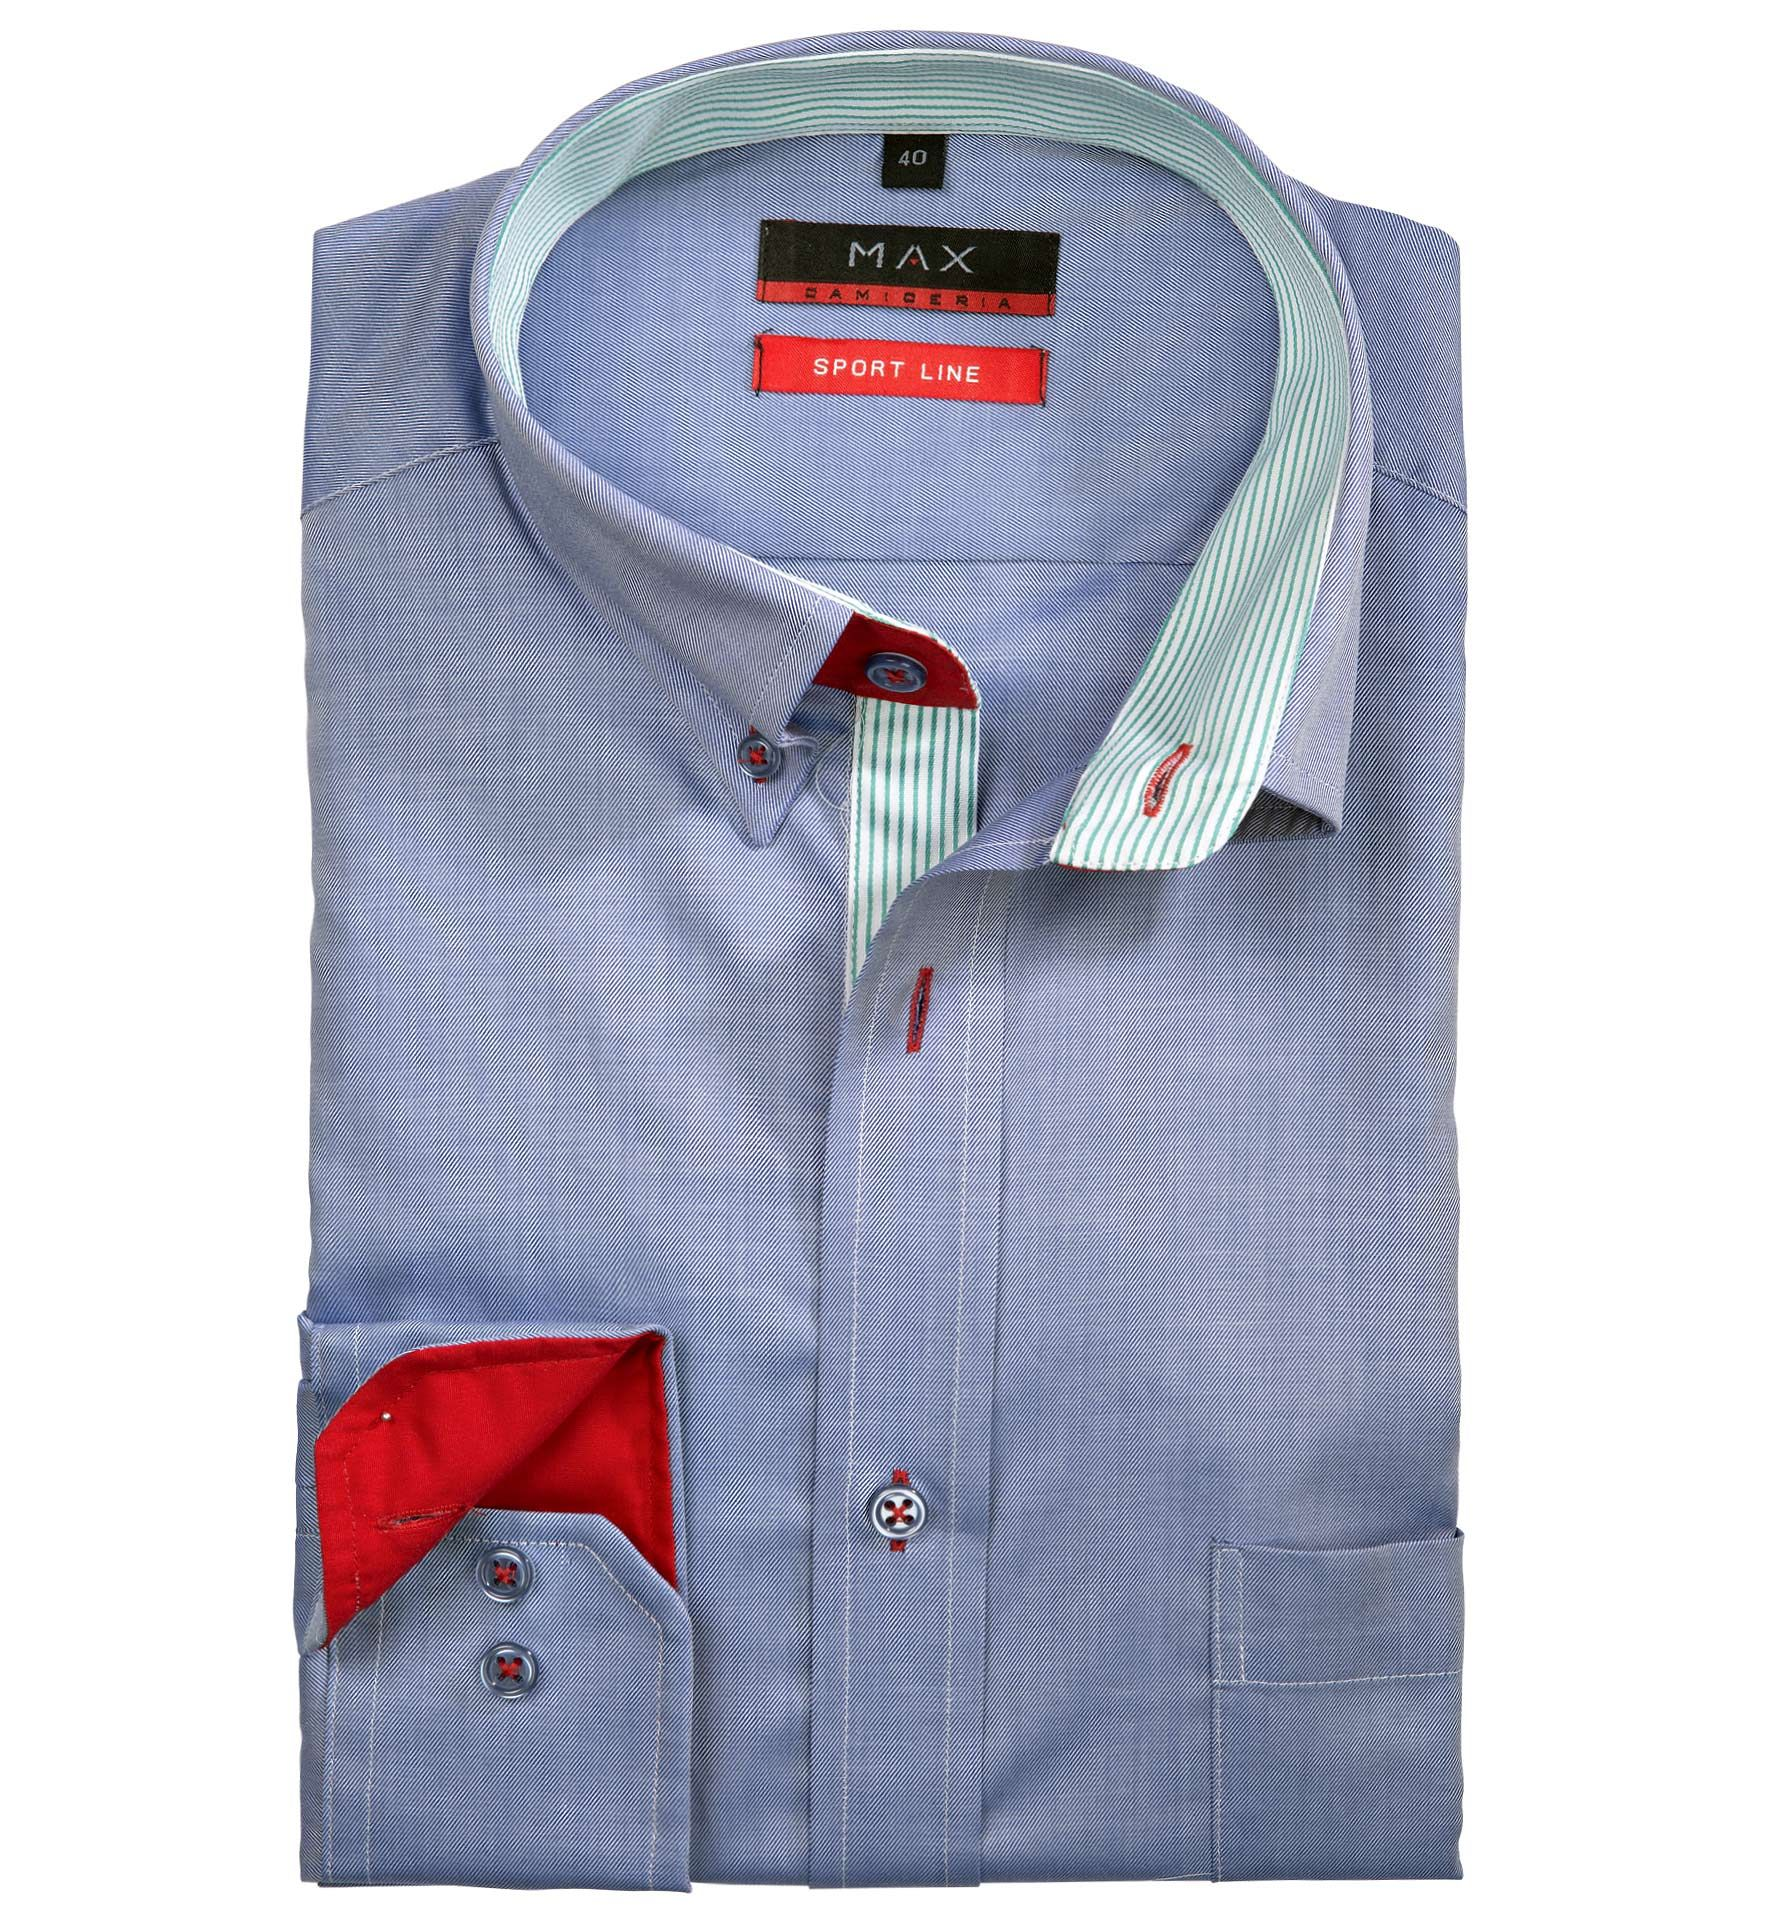 Modern Fit polopriliehavá modrá jednofarebná košeľa Tvil (keprová tkanina)